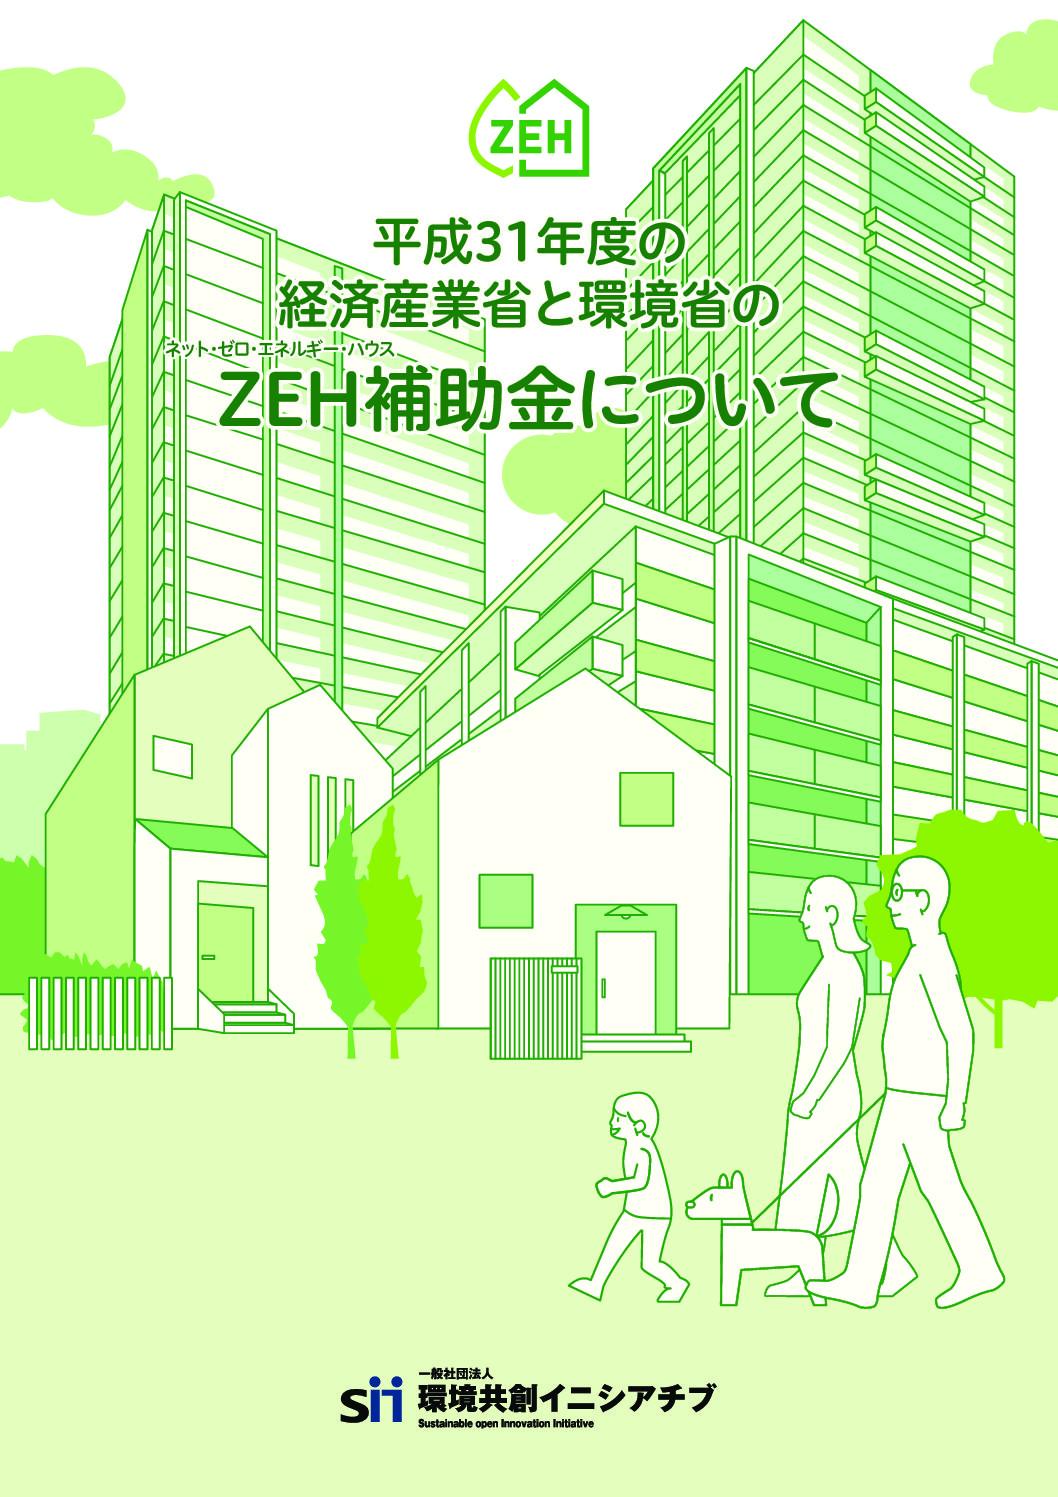 【環境省】ZEH支援事業が始まりました!